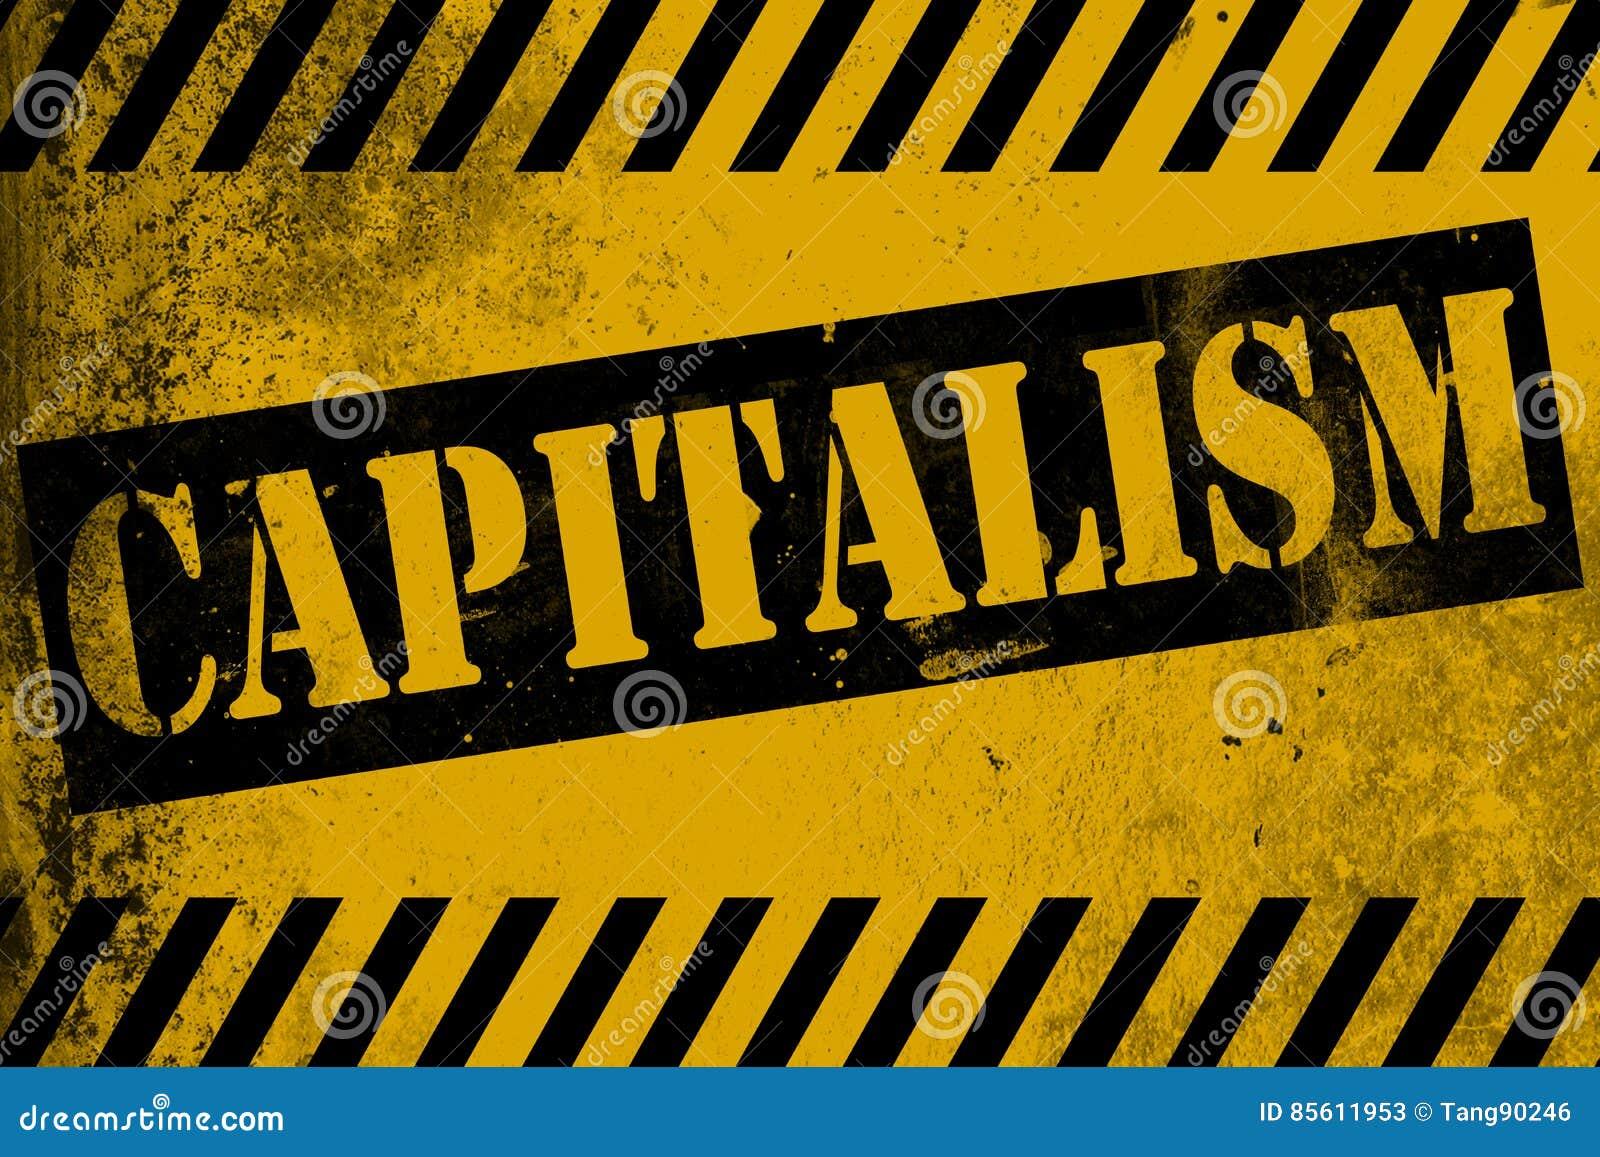 Kapitalismuszeichengelb mit Streifen